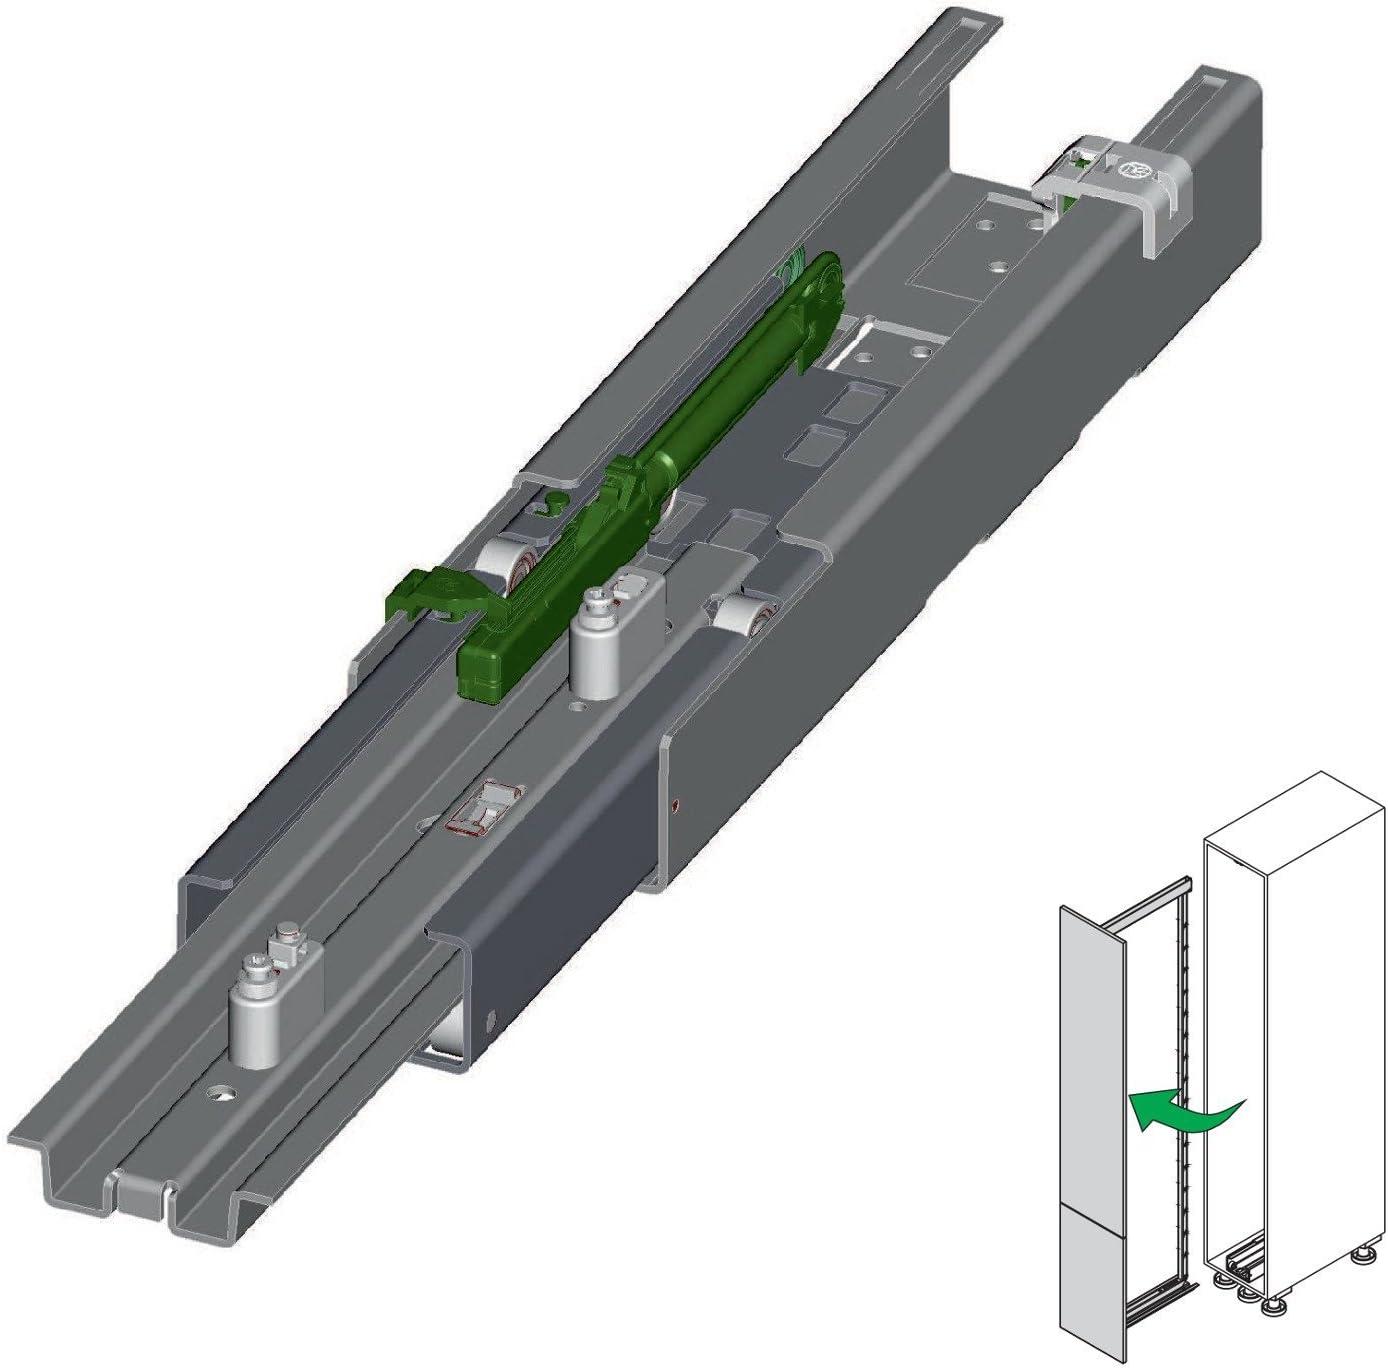 SO-TECH/® SoftStopp Pro Ammortizzatore per Dispensa VVS-X Armadi Estraibili Colonna Estraibile Estensione Totale Armadio